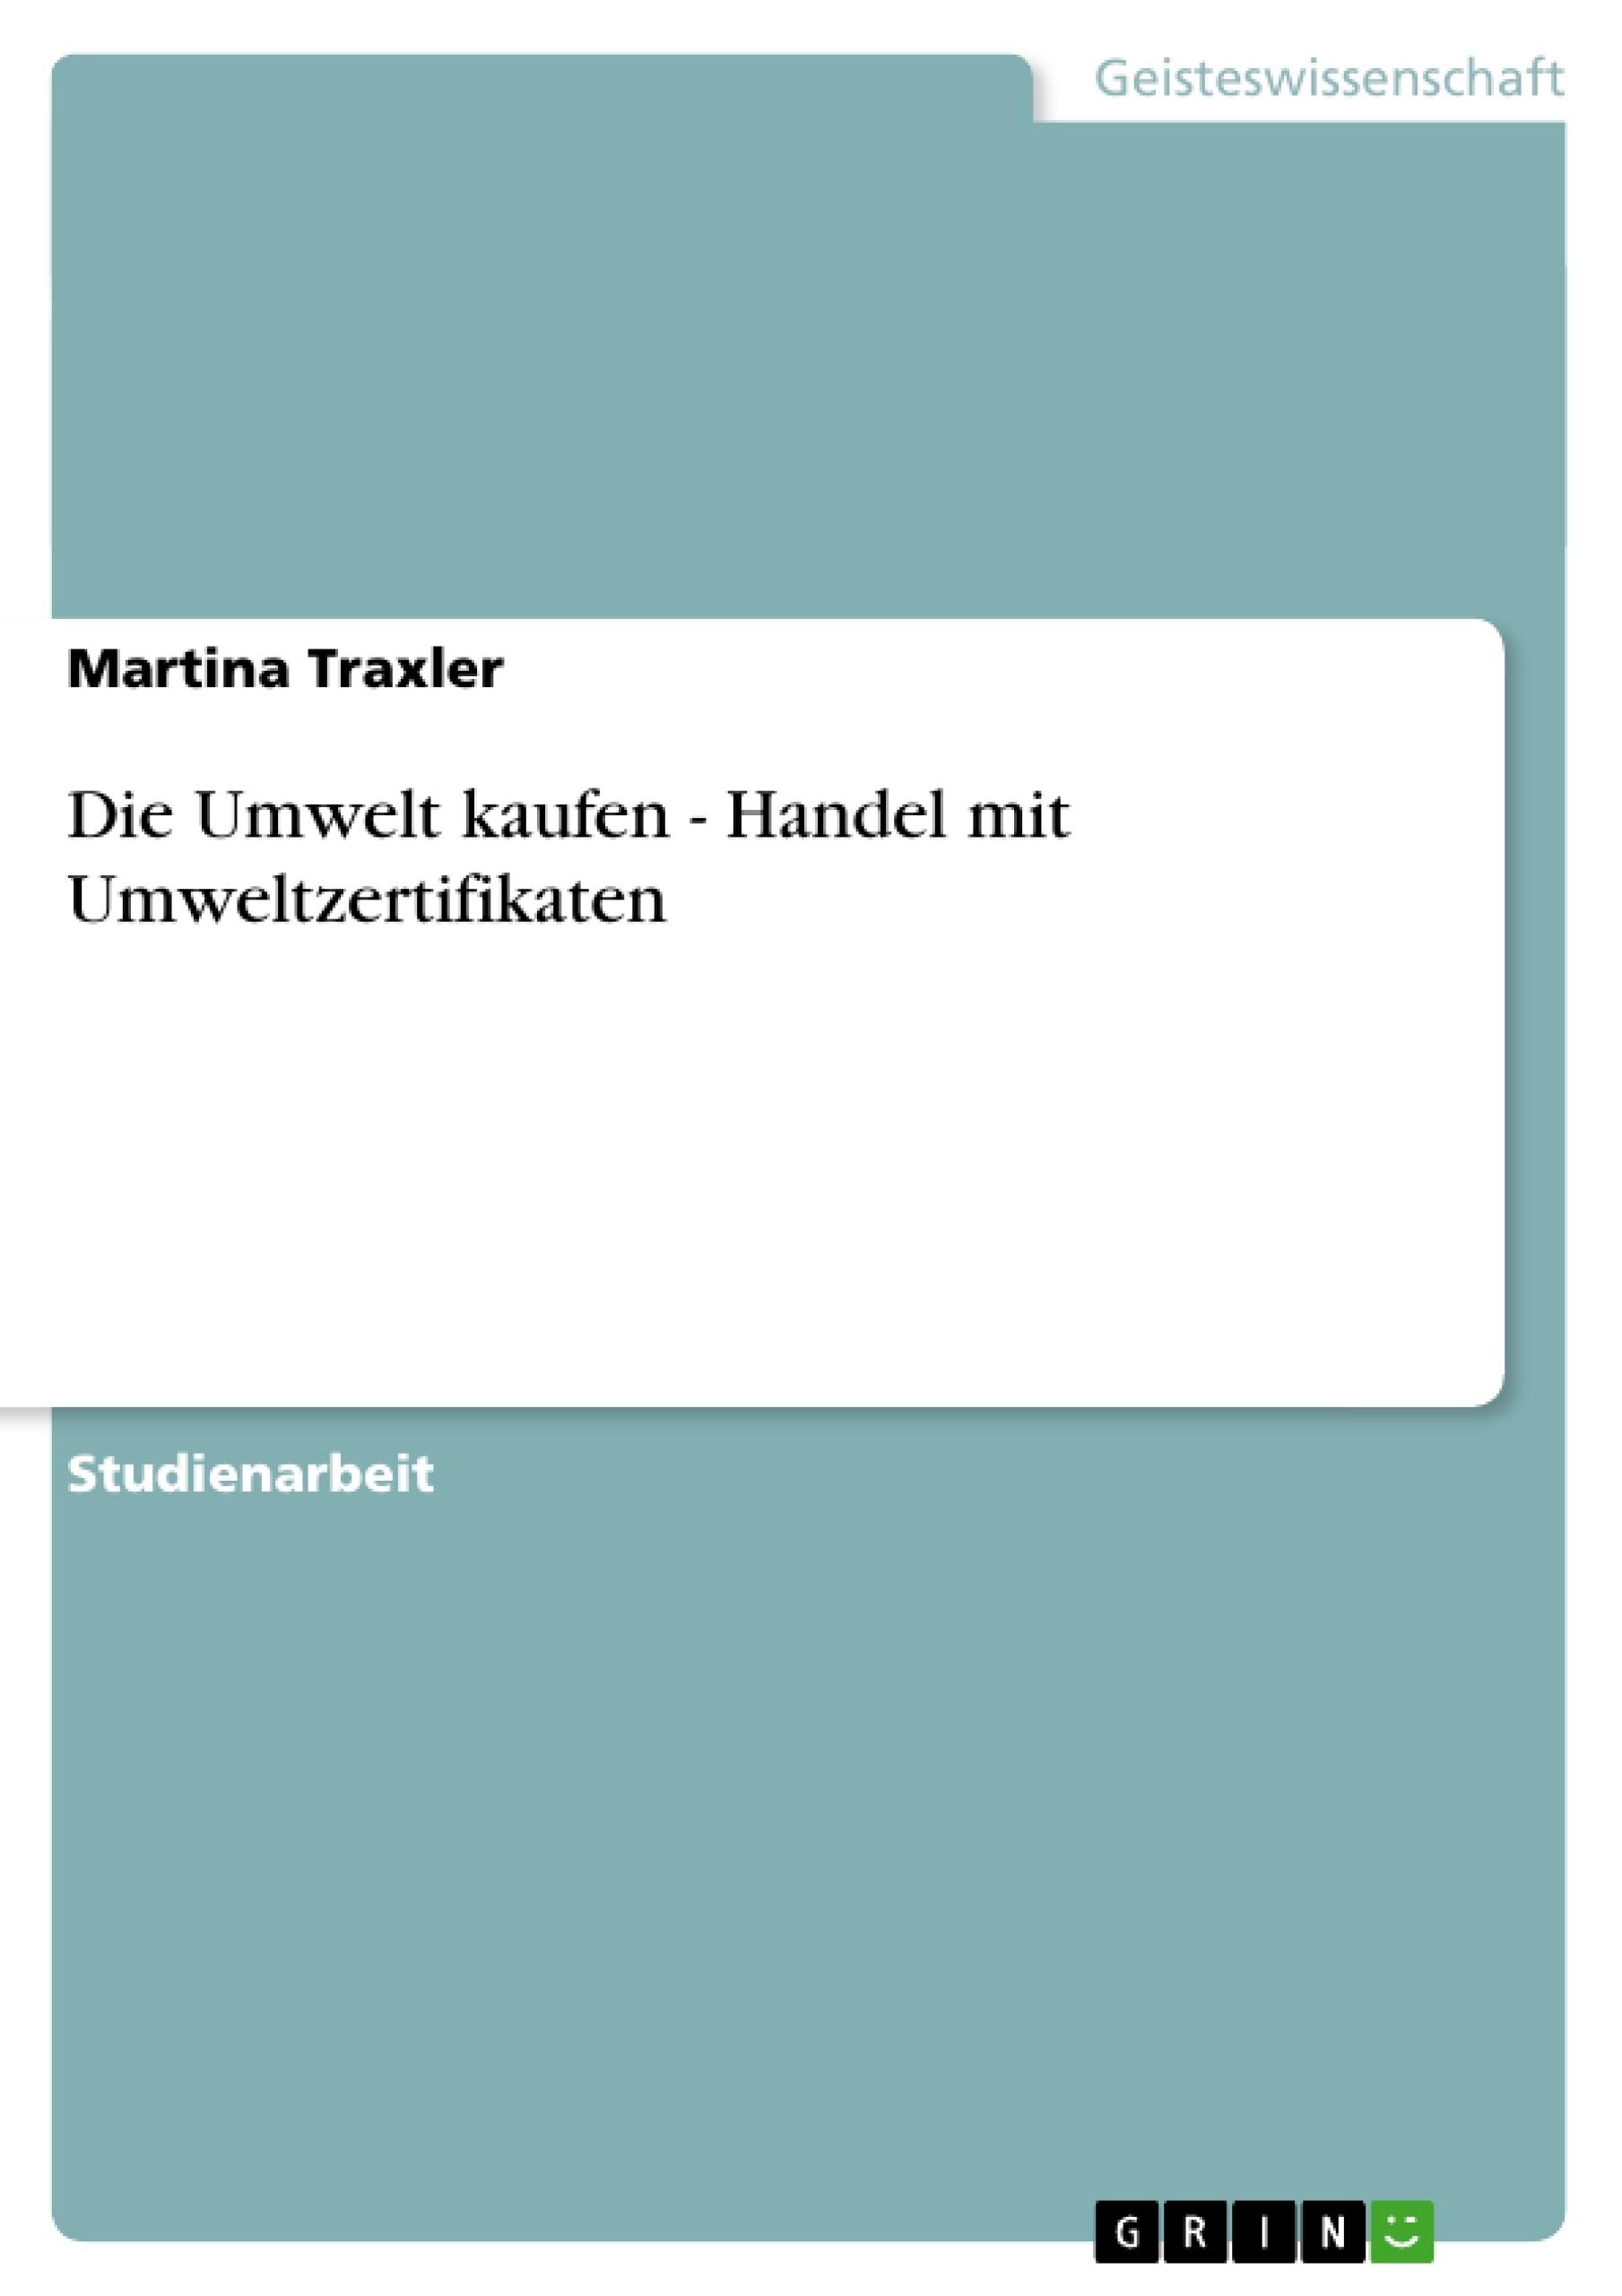 Titel: Die Umwelt kaufen - Handel mit Umweltzertifikaten